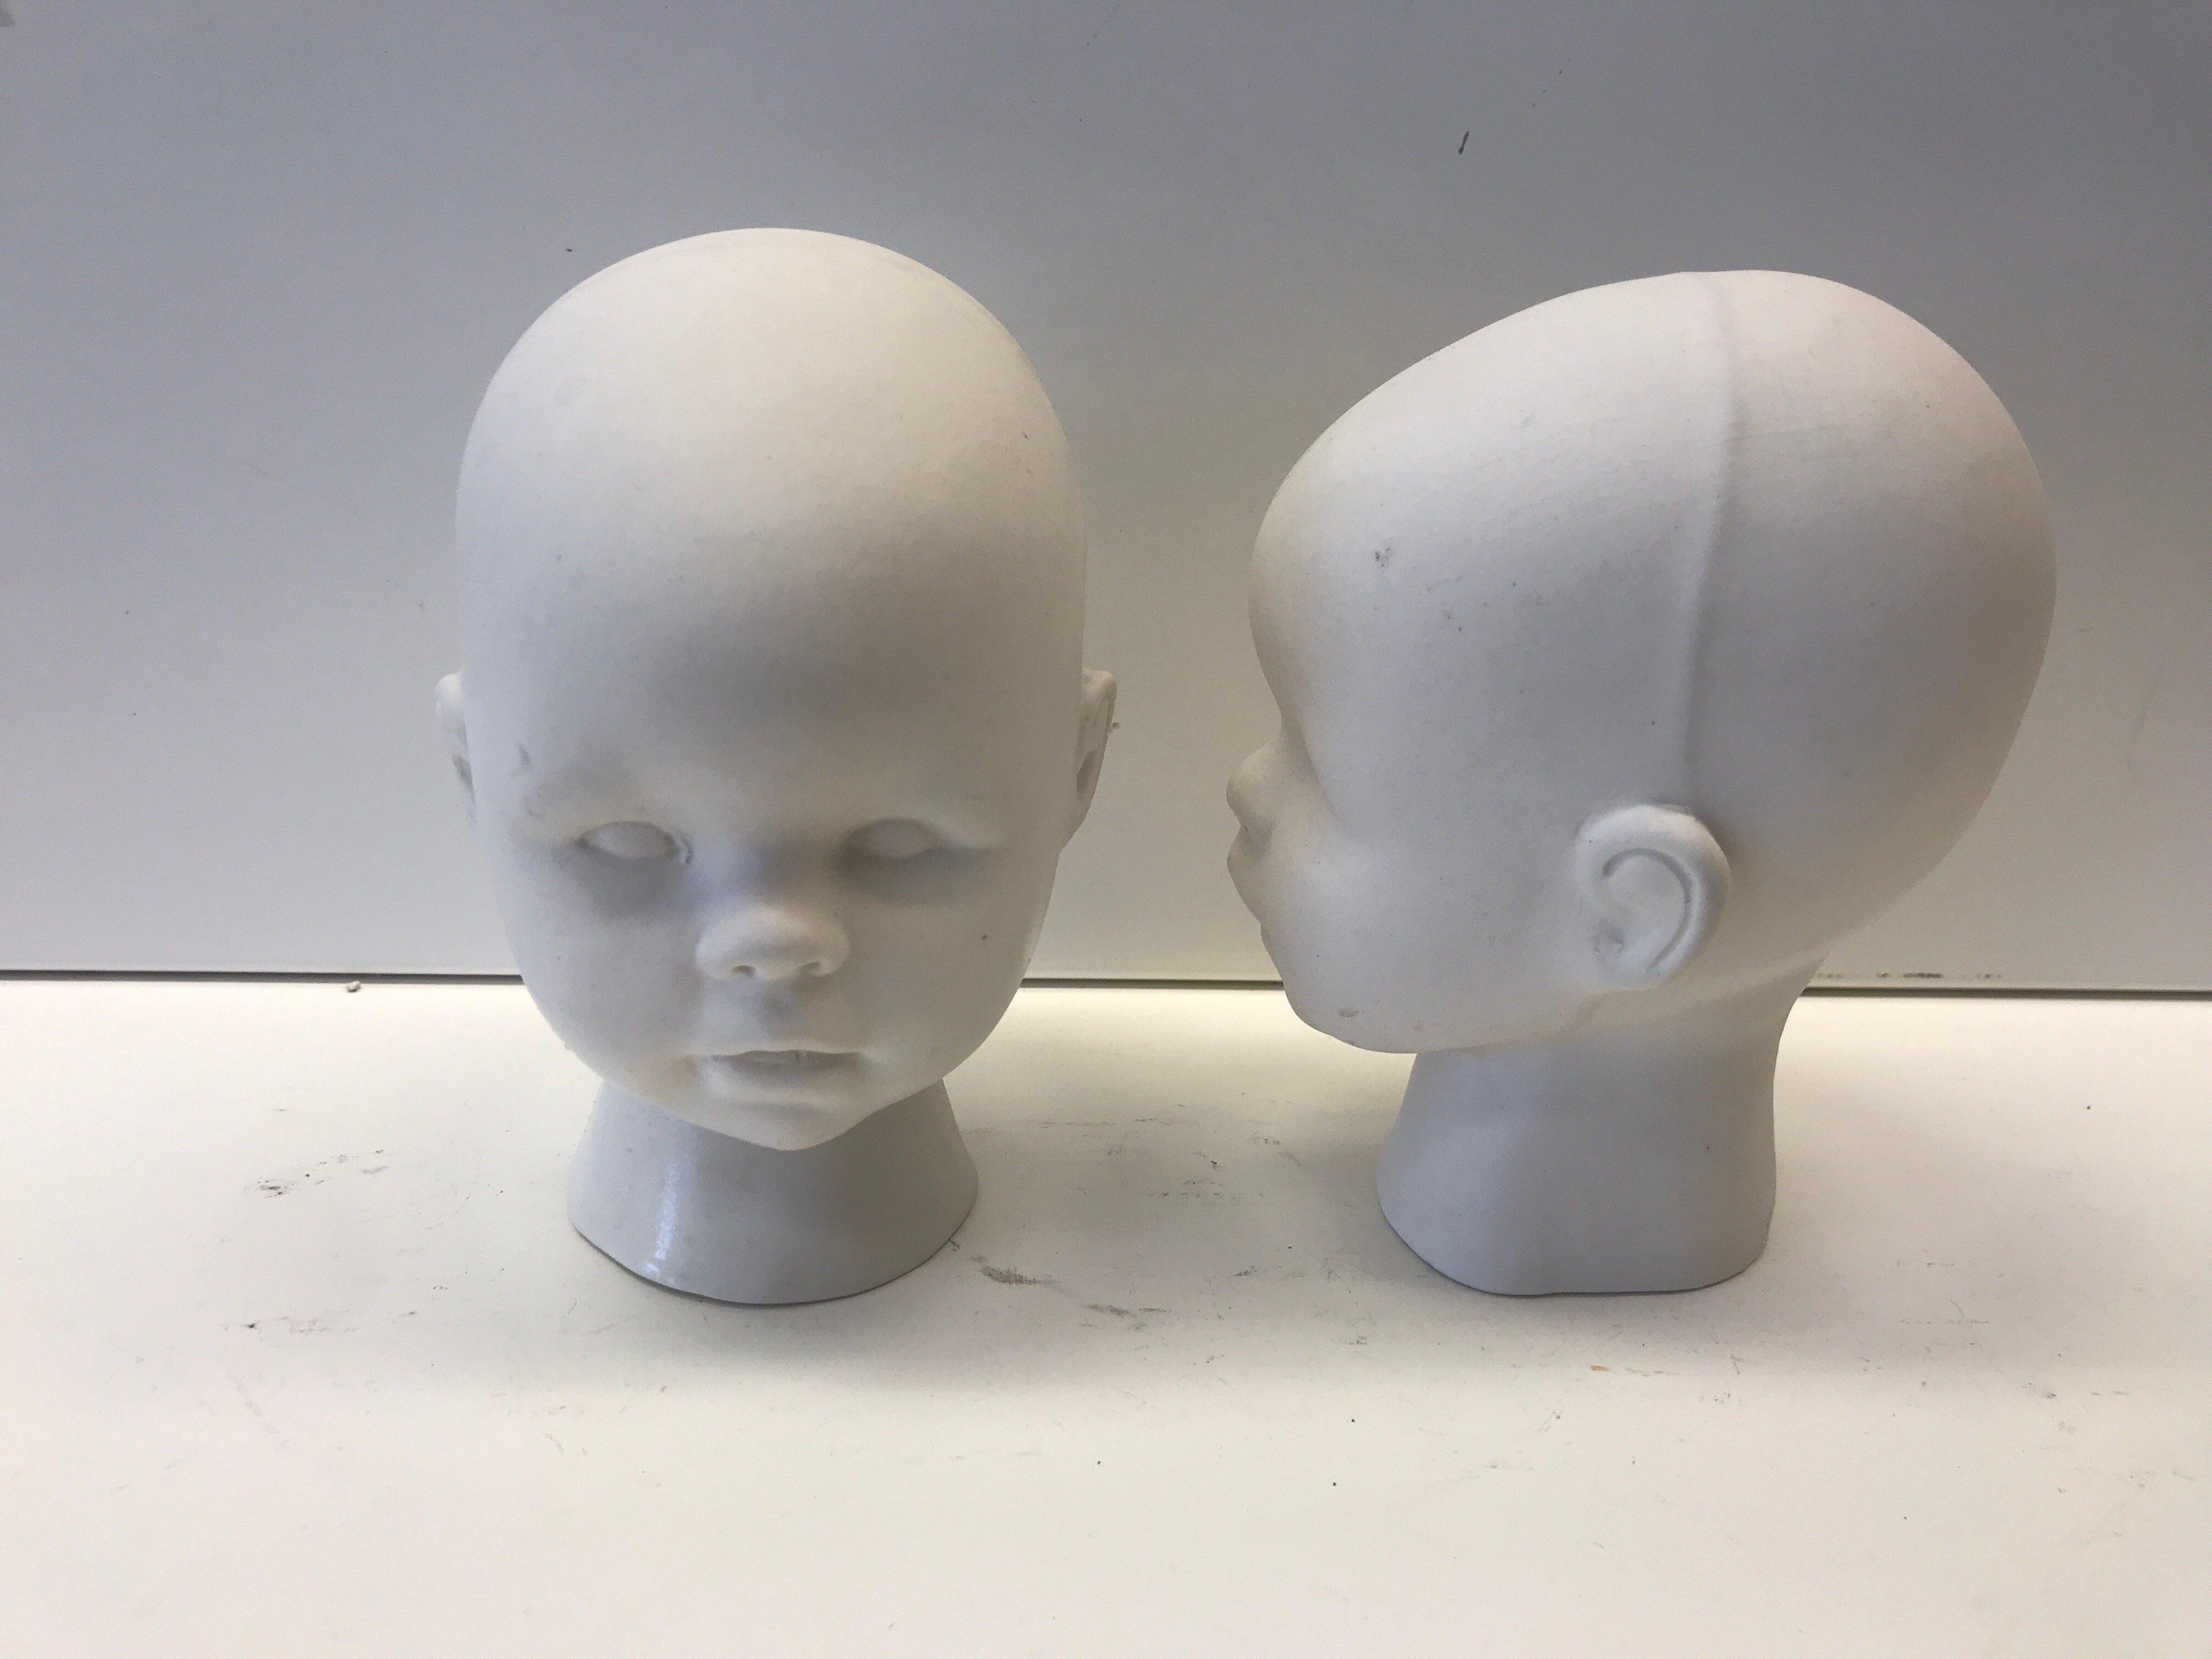 Porslinsvit / Porslin White